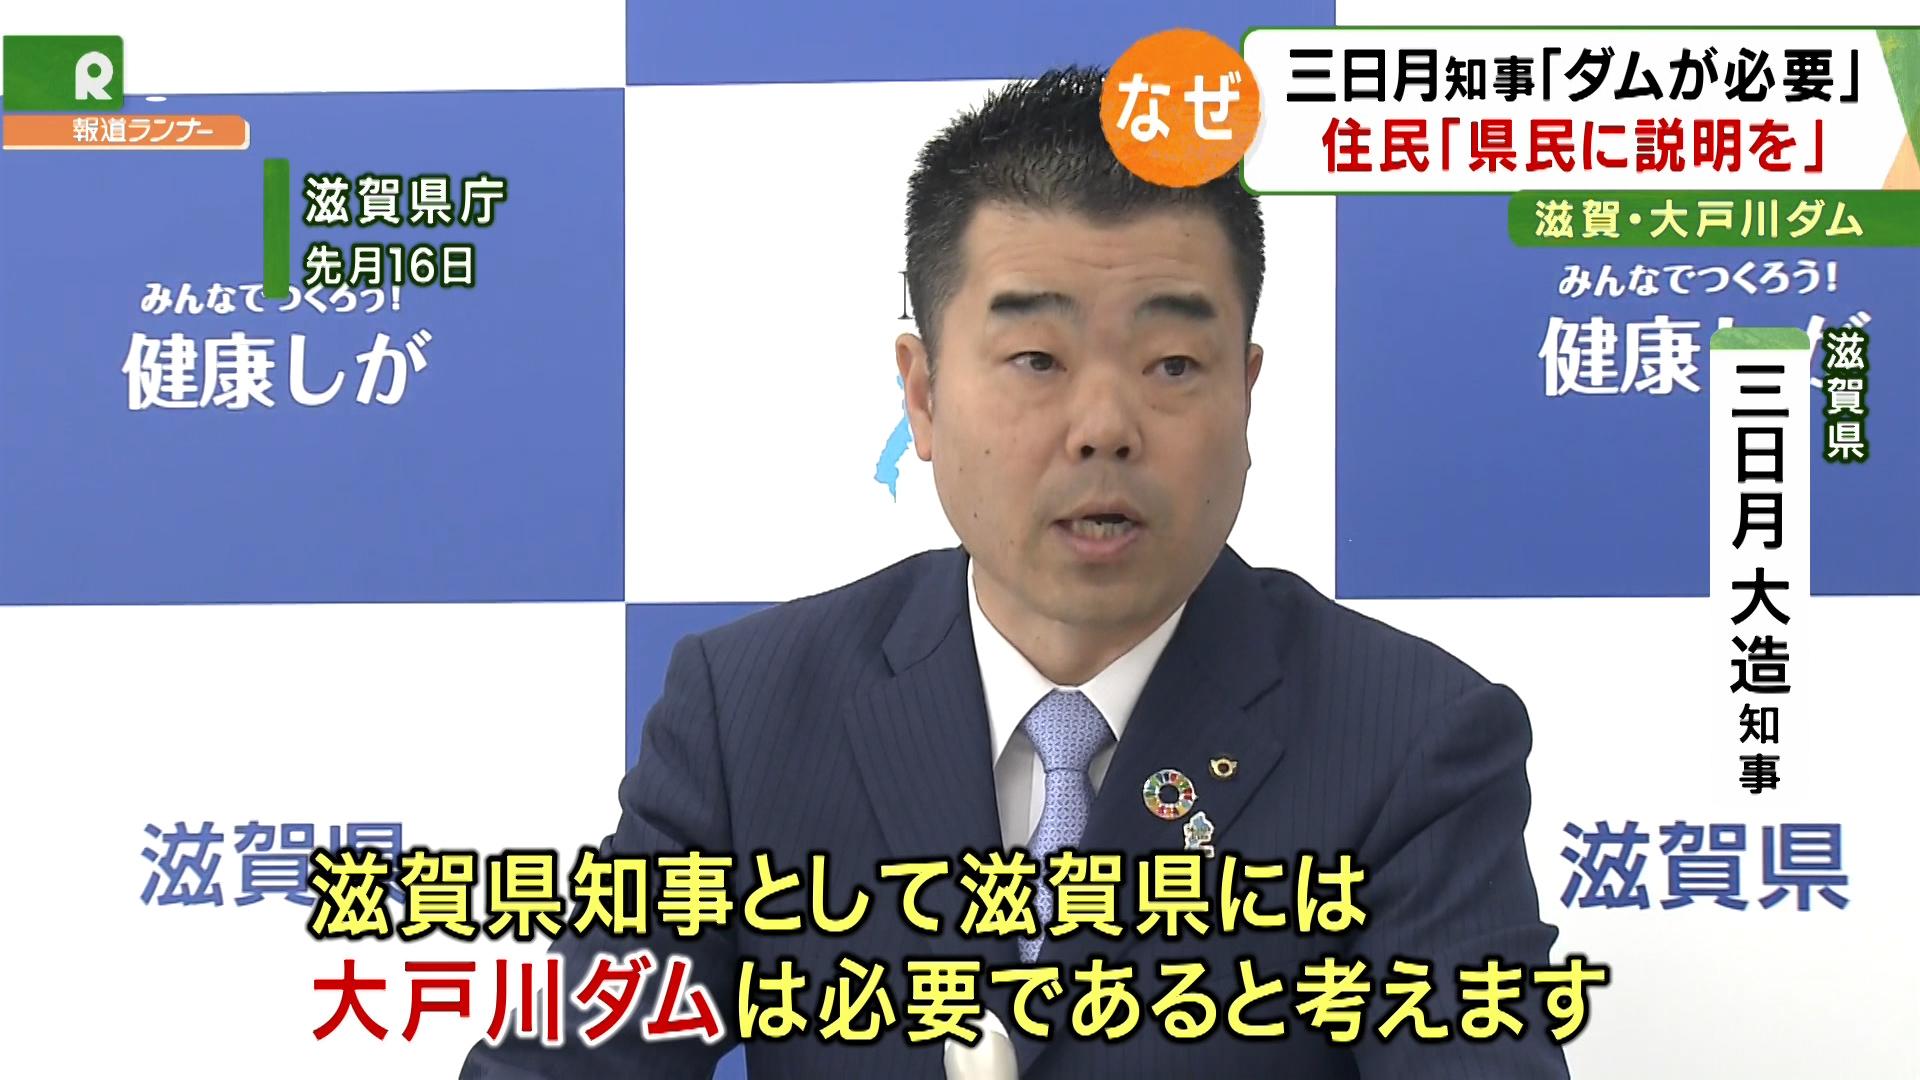 ニュース 滋賀 県